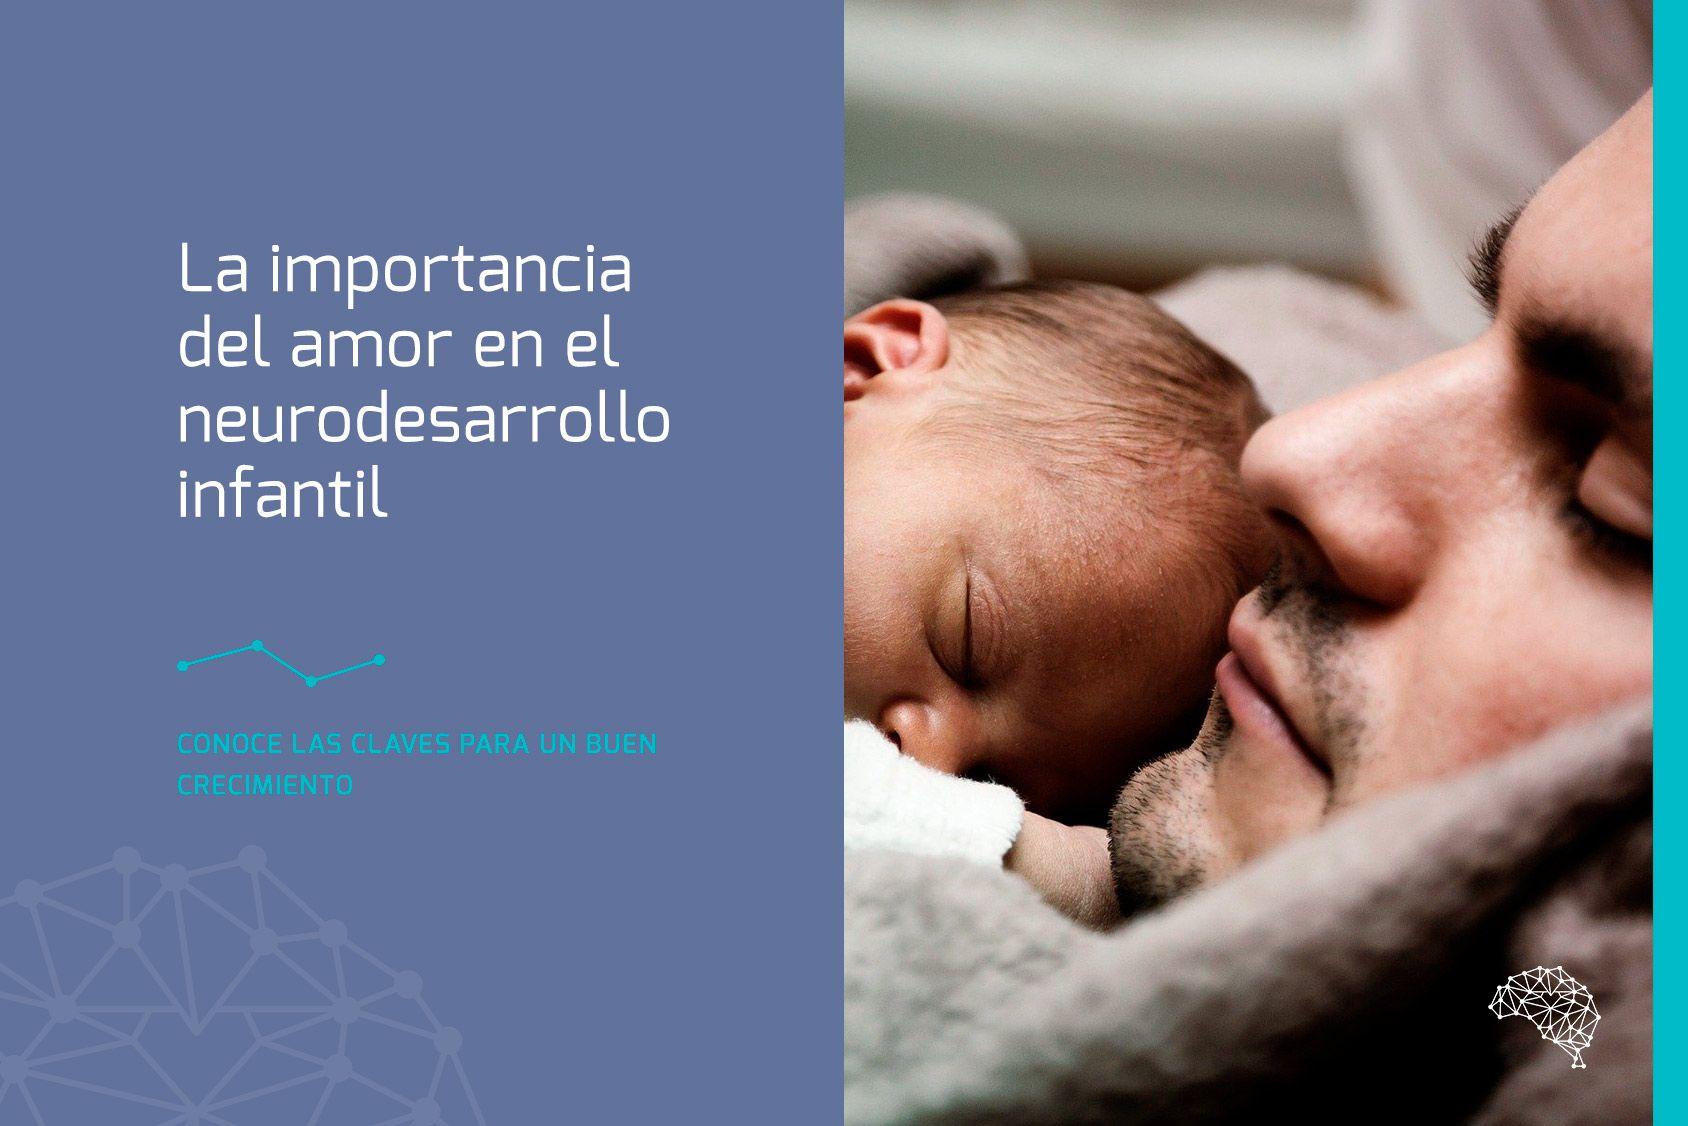 amor neurodesarrollo infantil